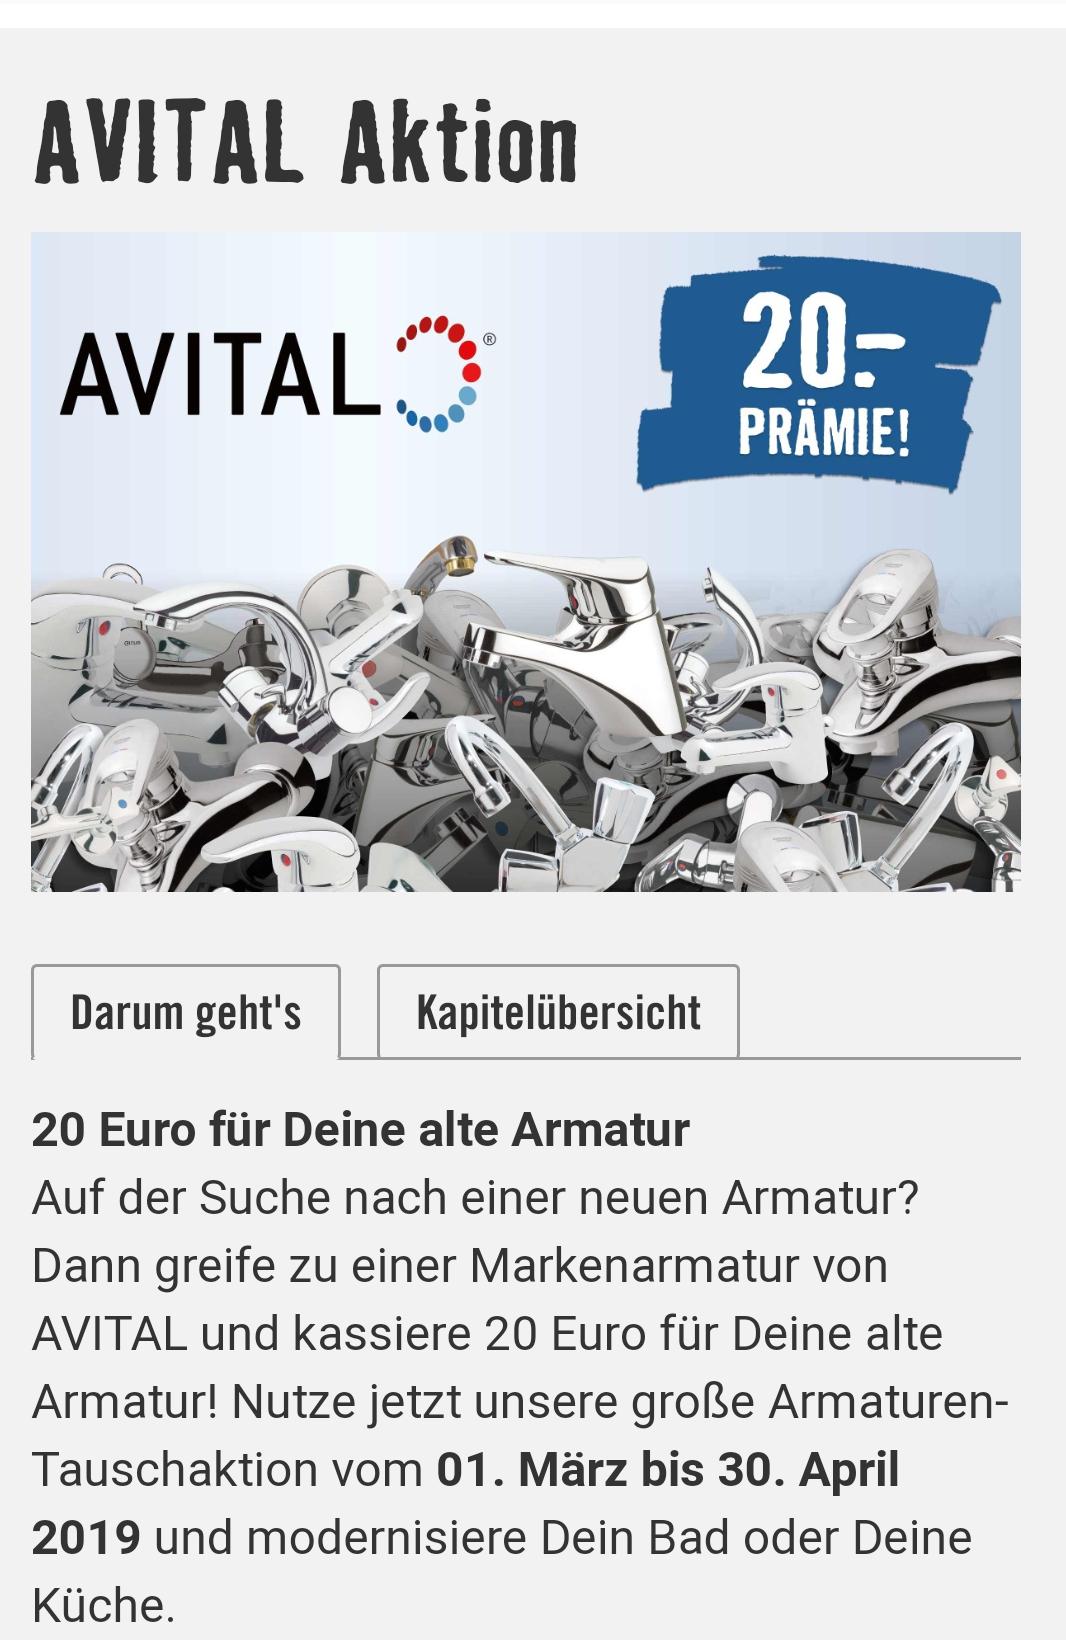 Hornbach: 20€ für Deine alte Armatur beim Kauf einer Avital Armatur